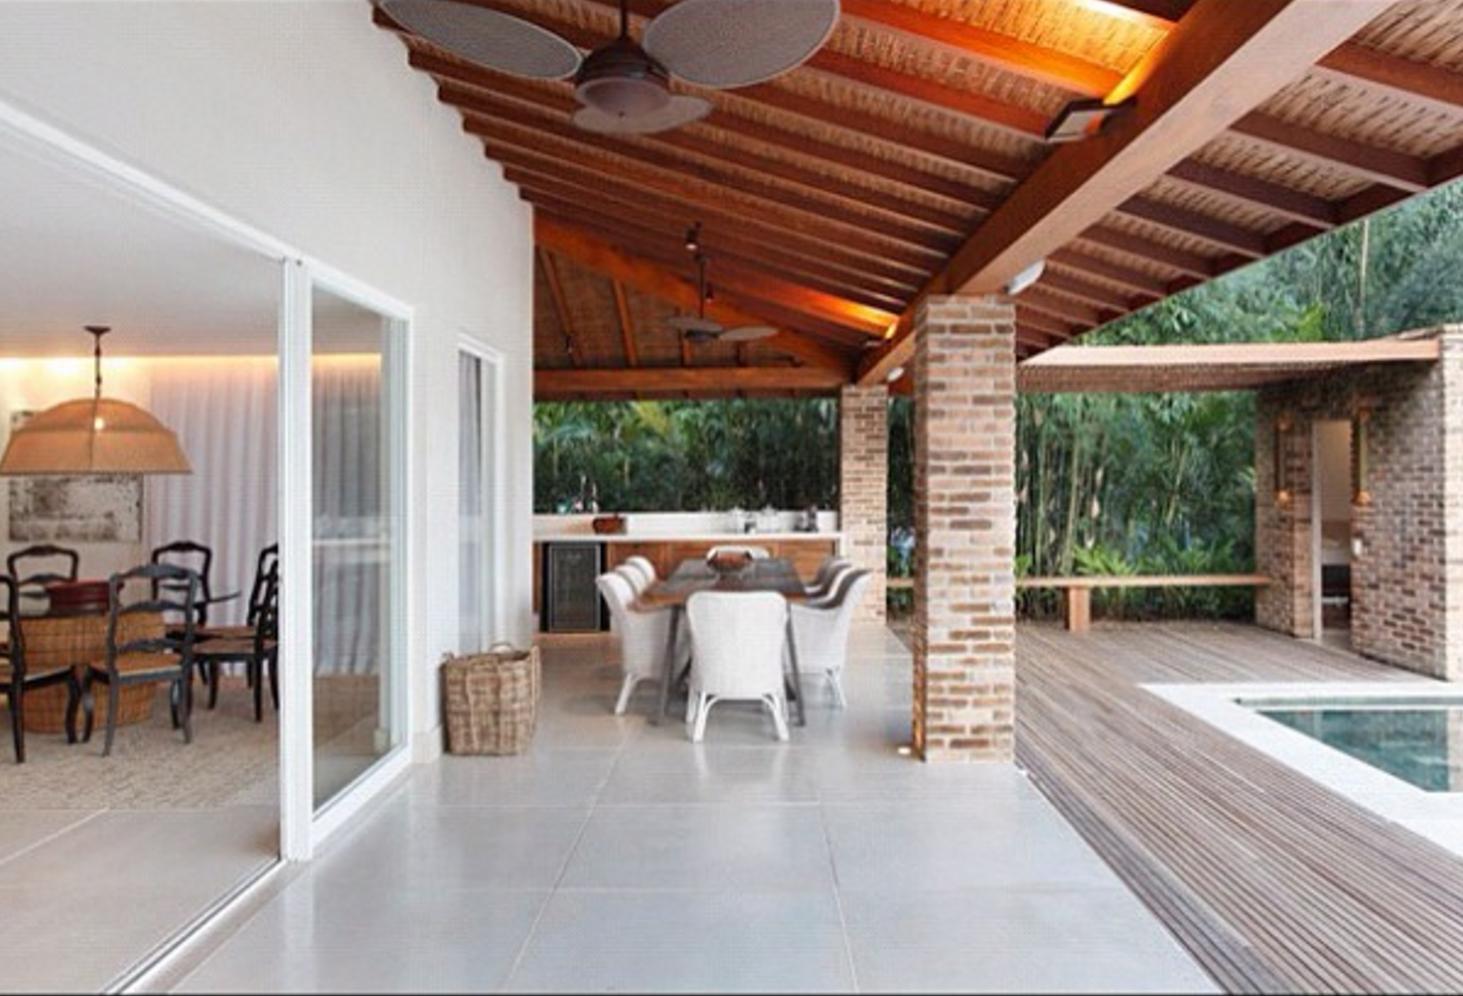 101 planos de casas caracter sticas de una casa en la playa - Iluminacion para casa ...